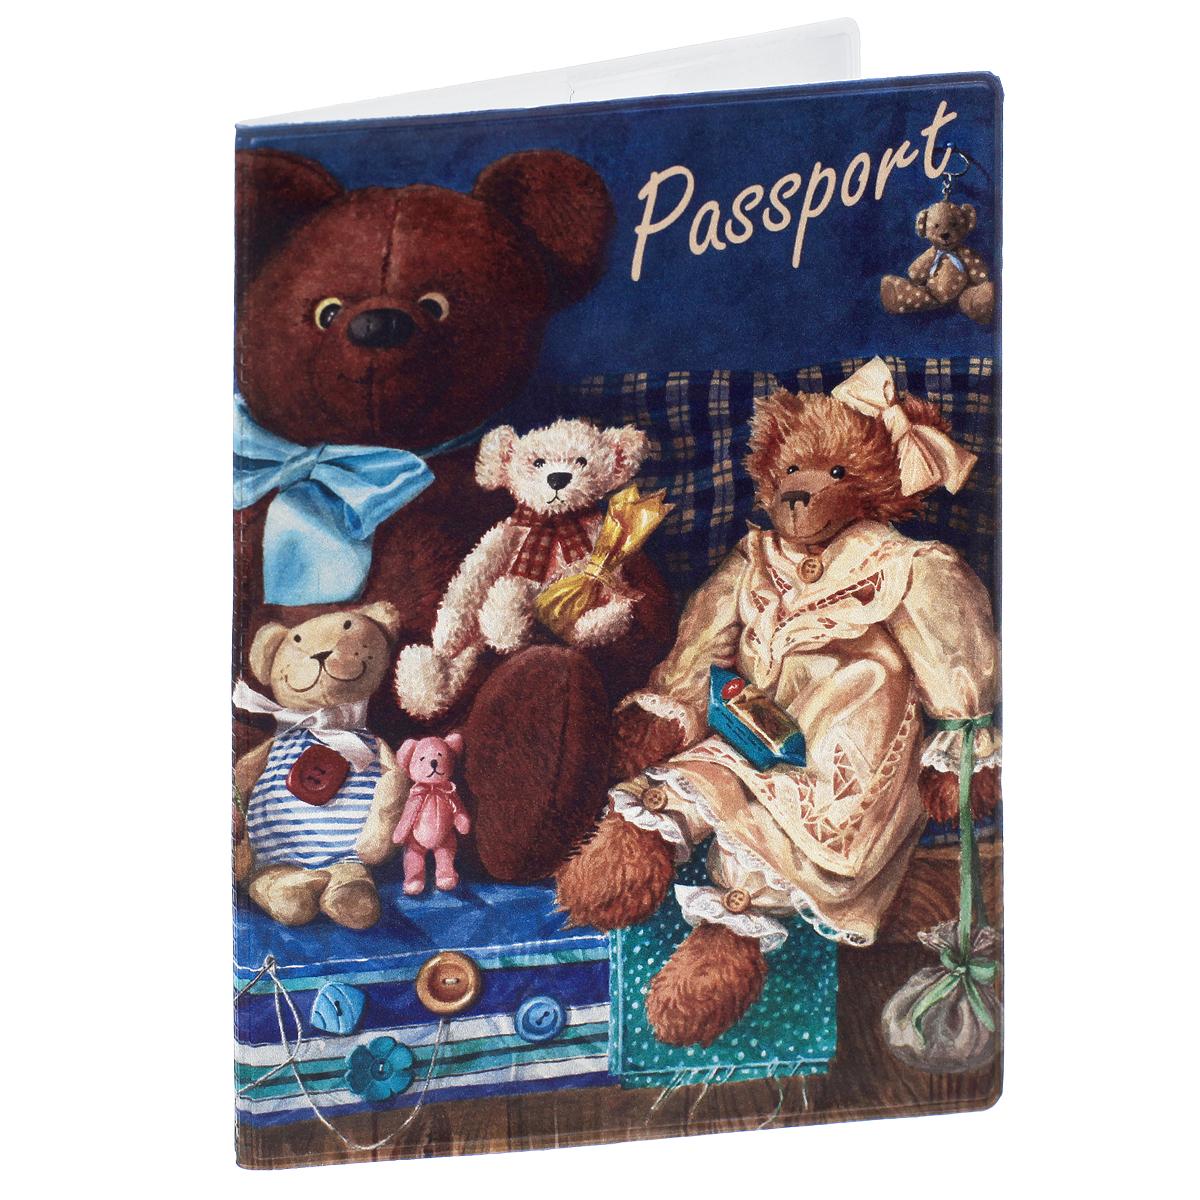 Обложка для паспорта Медведи, цвет: коричневый. 35678O.31.SH.красныйОбложка для паспорта Медведи не только поможет сохранить внешний вид ваших документов и защитить их от повреждений, но и станет стильным аксессуаром, идеально подходящим вашему образу. Обложка выполнена из поливинилхлорида и оформлена оригинальным изображением плюшевых медведей. Внутри имеет два вертикальных кармана из прозрачного пластика. Такая обложка поможет вам подчеркнуть свою индивидуальность и неповторимость!